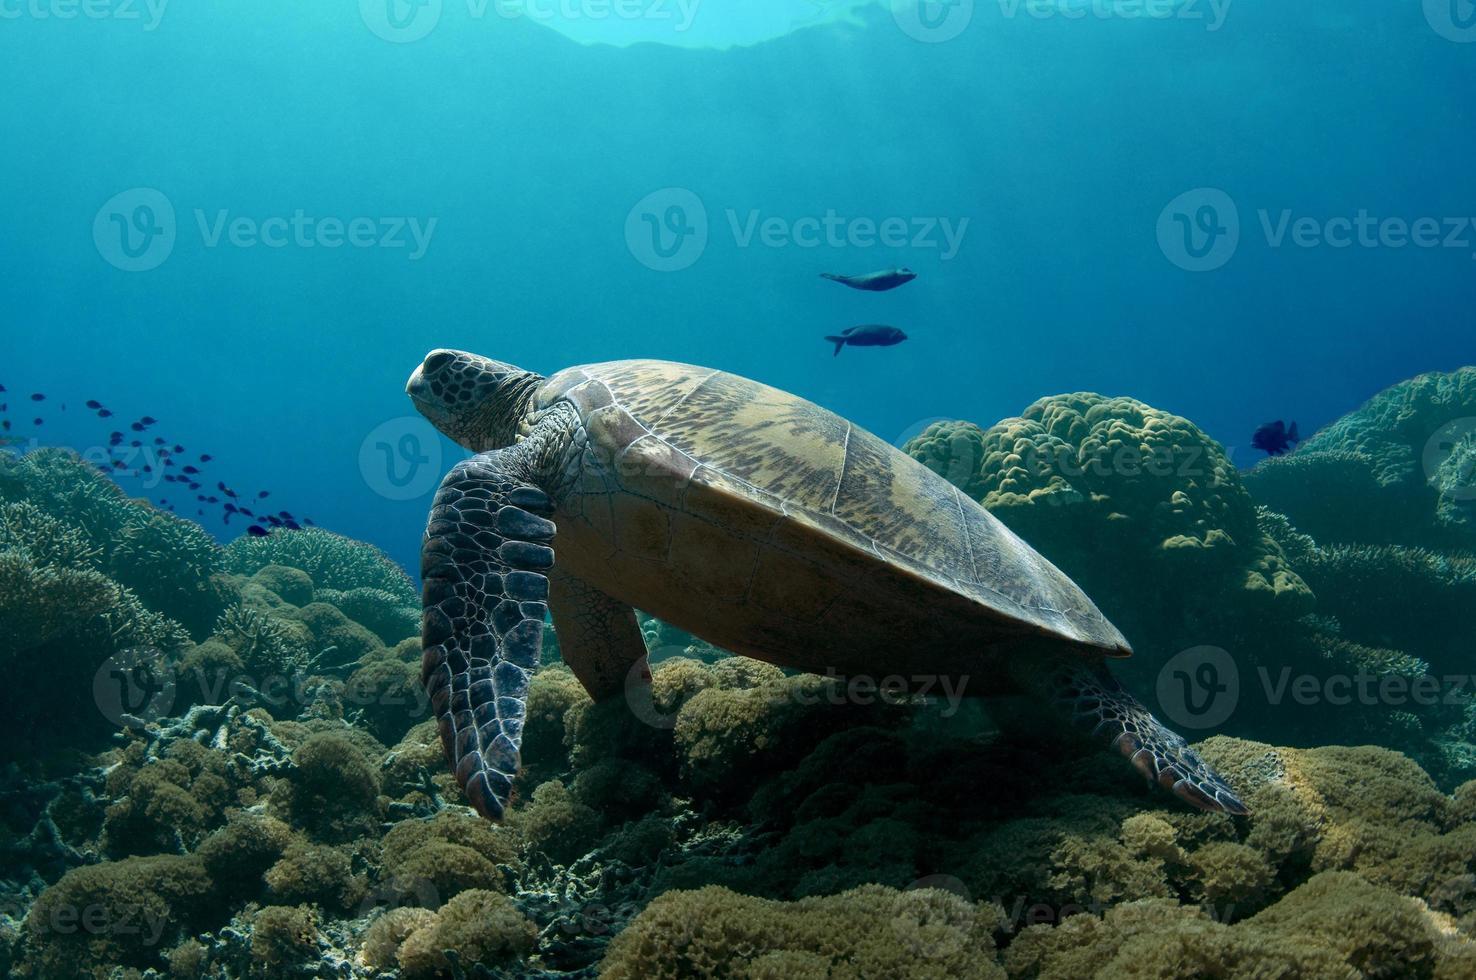 tartaruga verde em repouso foto